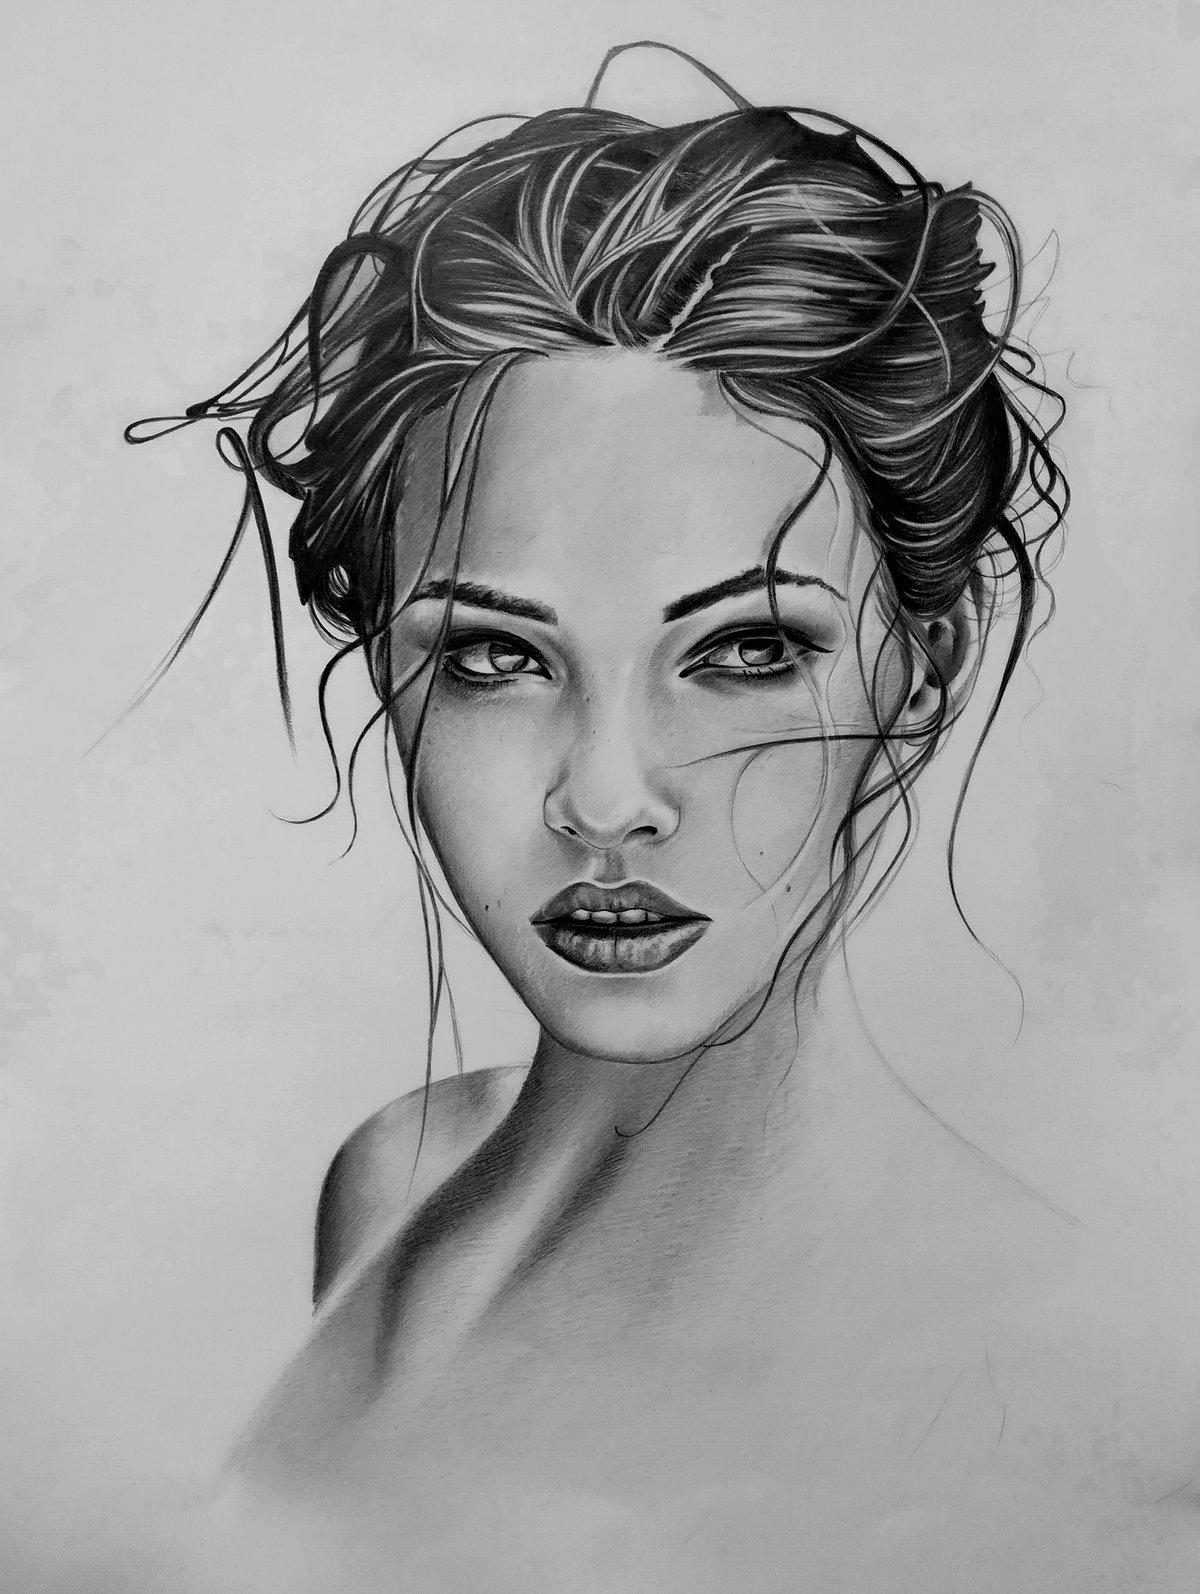 Красивые картинки рисунки карандашом, дизайнерские